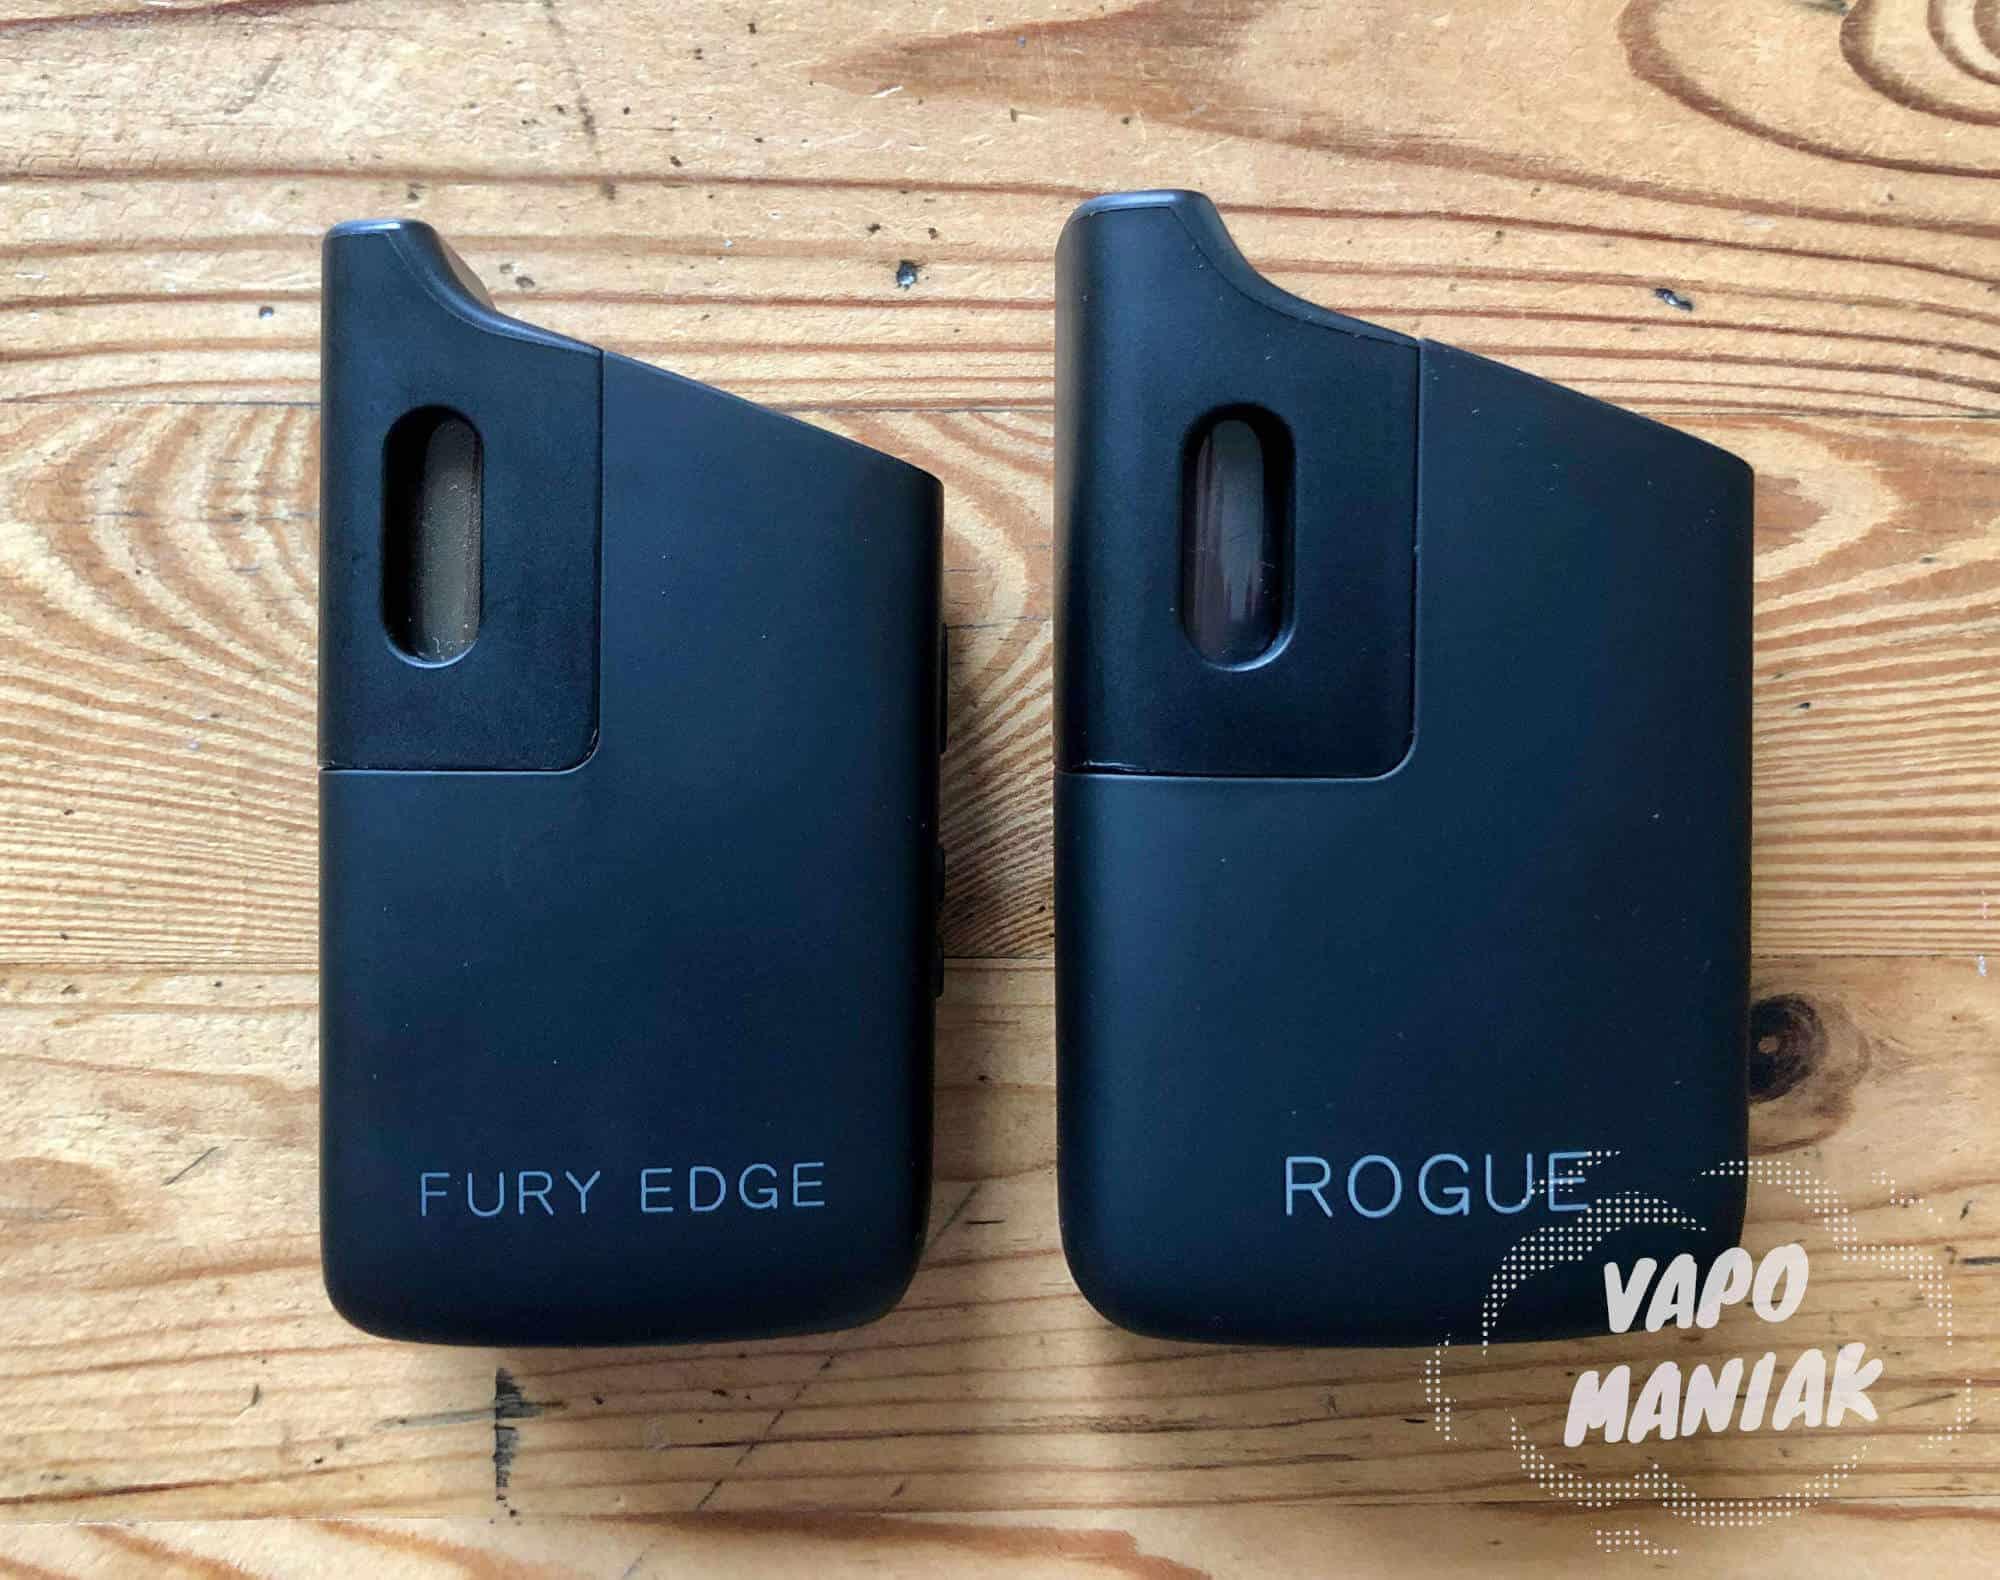 Porównanie wielkości FURY EDGE i ROGUE.